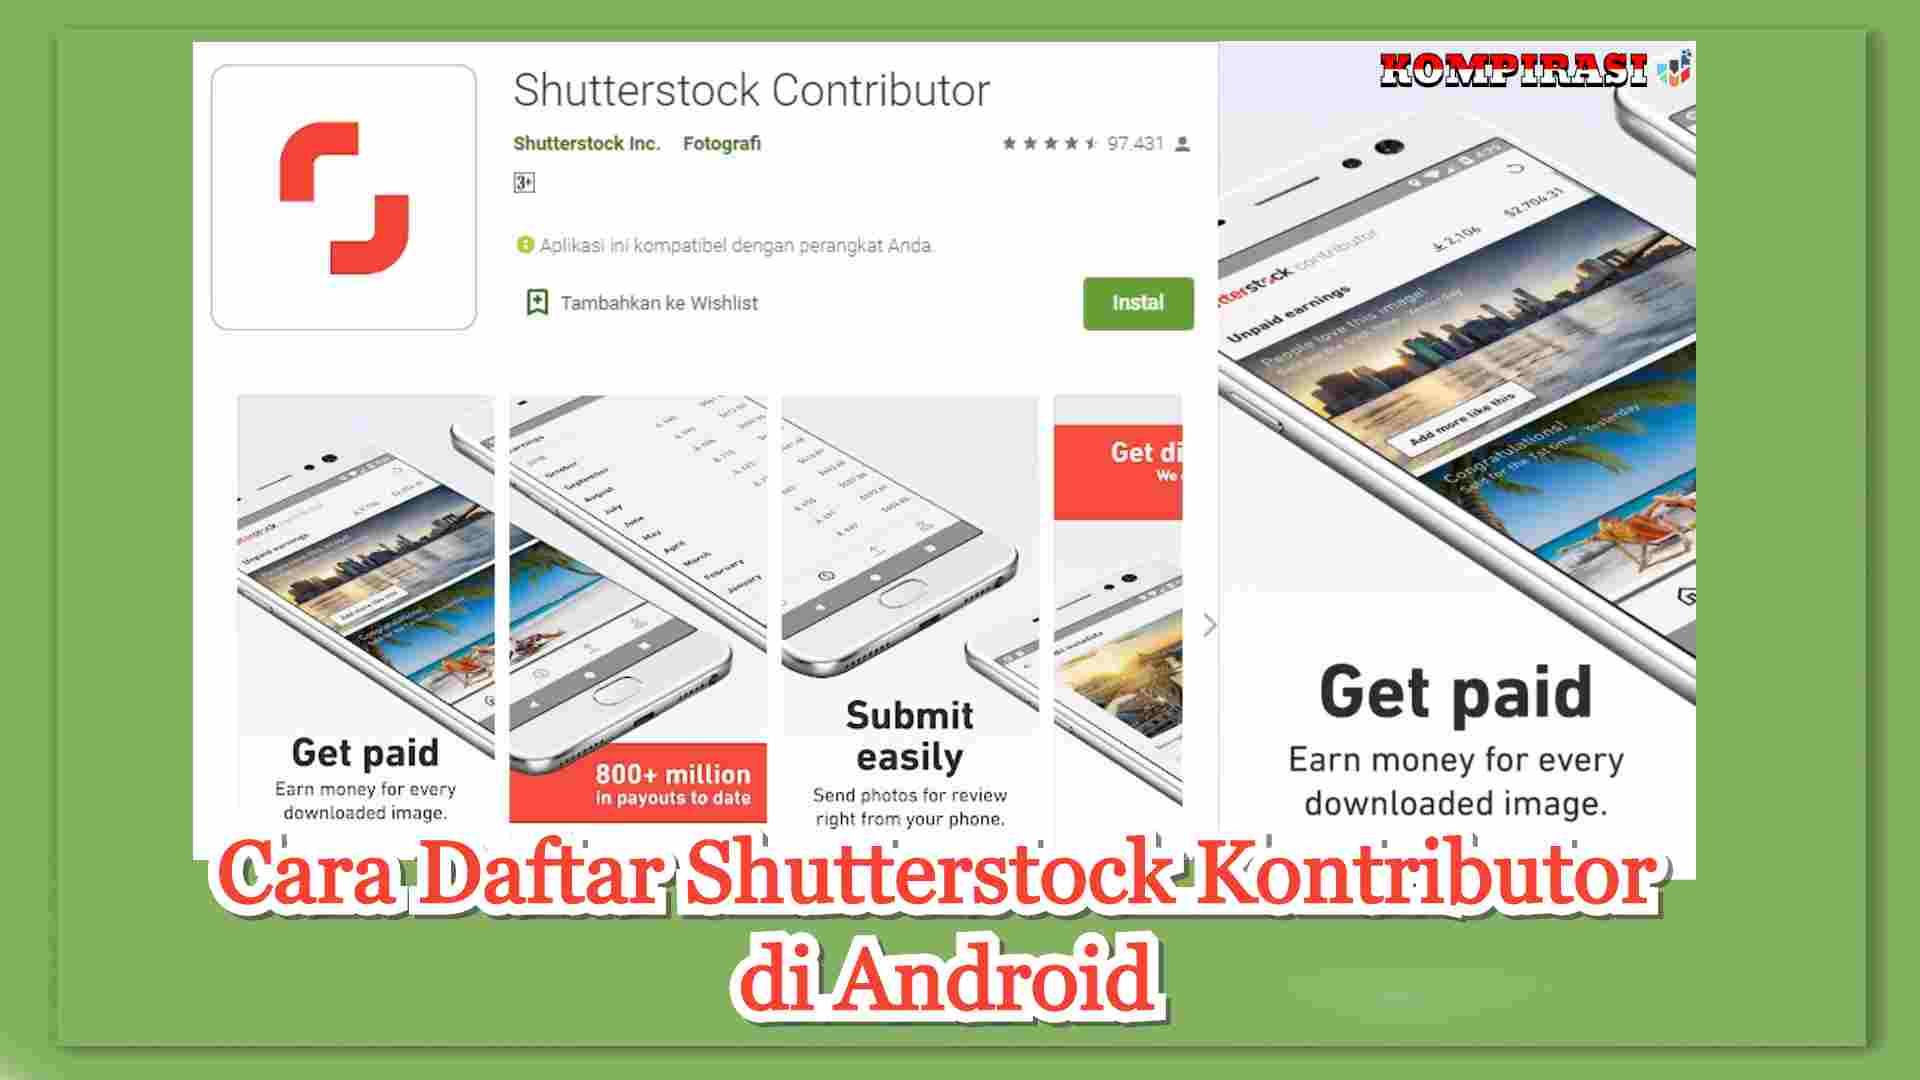 Cara jualan foto di shutterstock,cara daftar shutterstock kontributor di